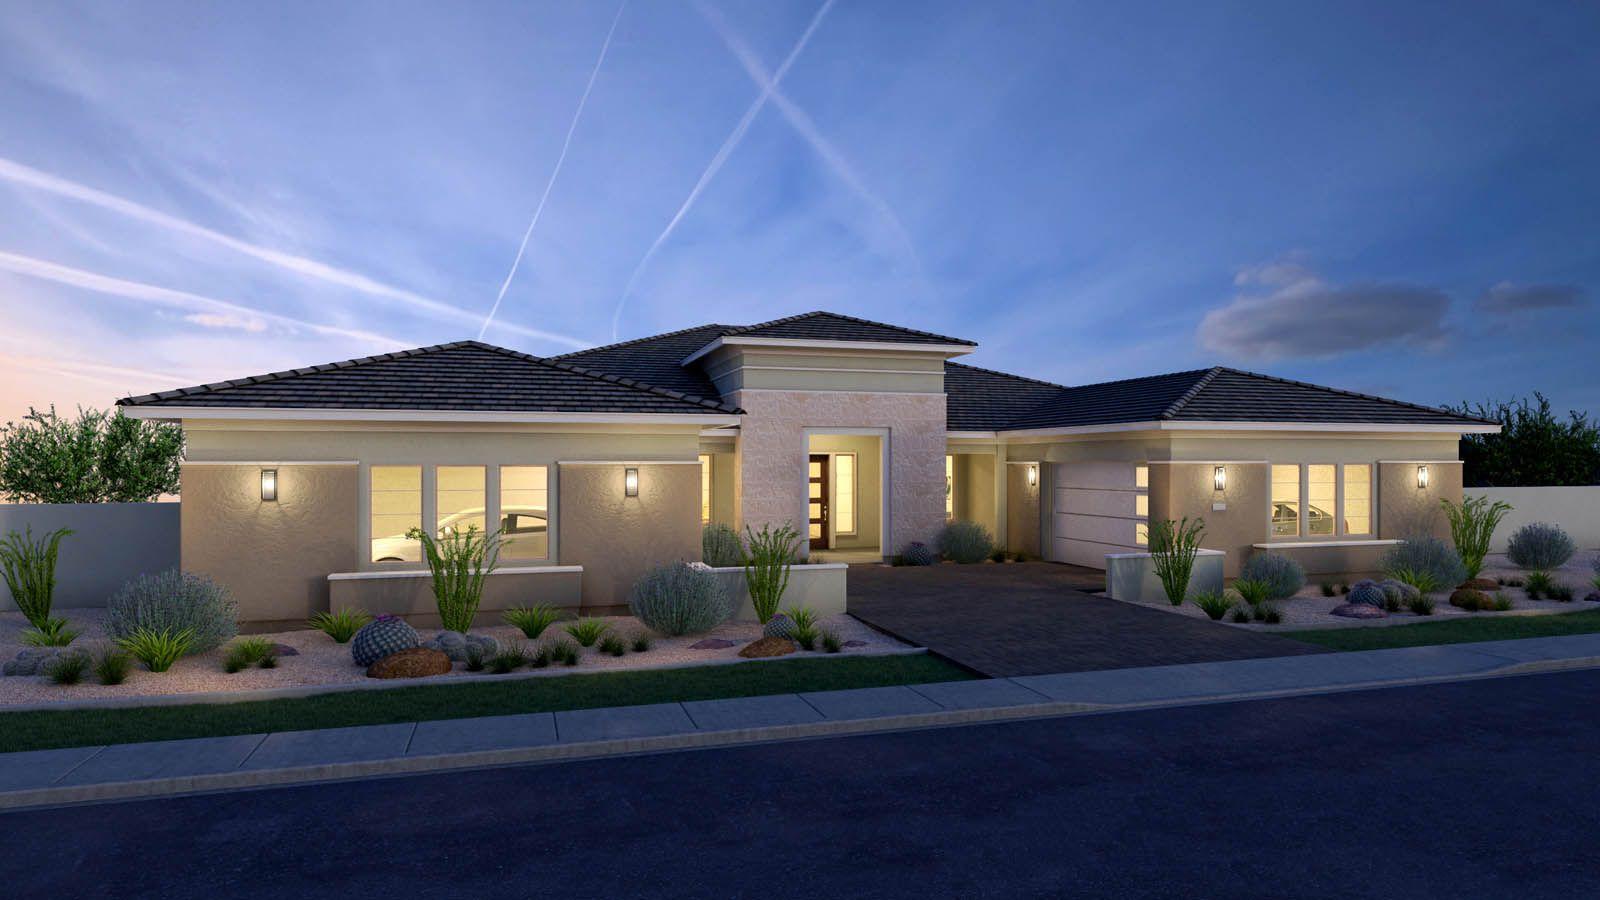 MH-residence-Domaine-78-3-R-Residence-3-D-DUSK:Desert Elevation